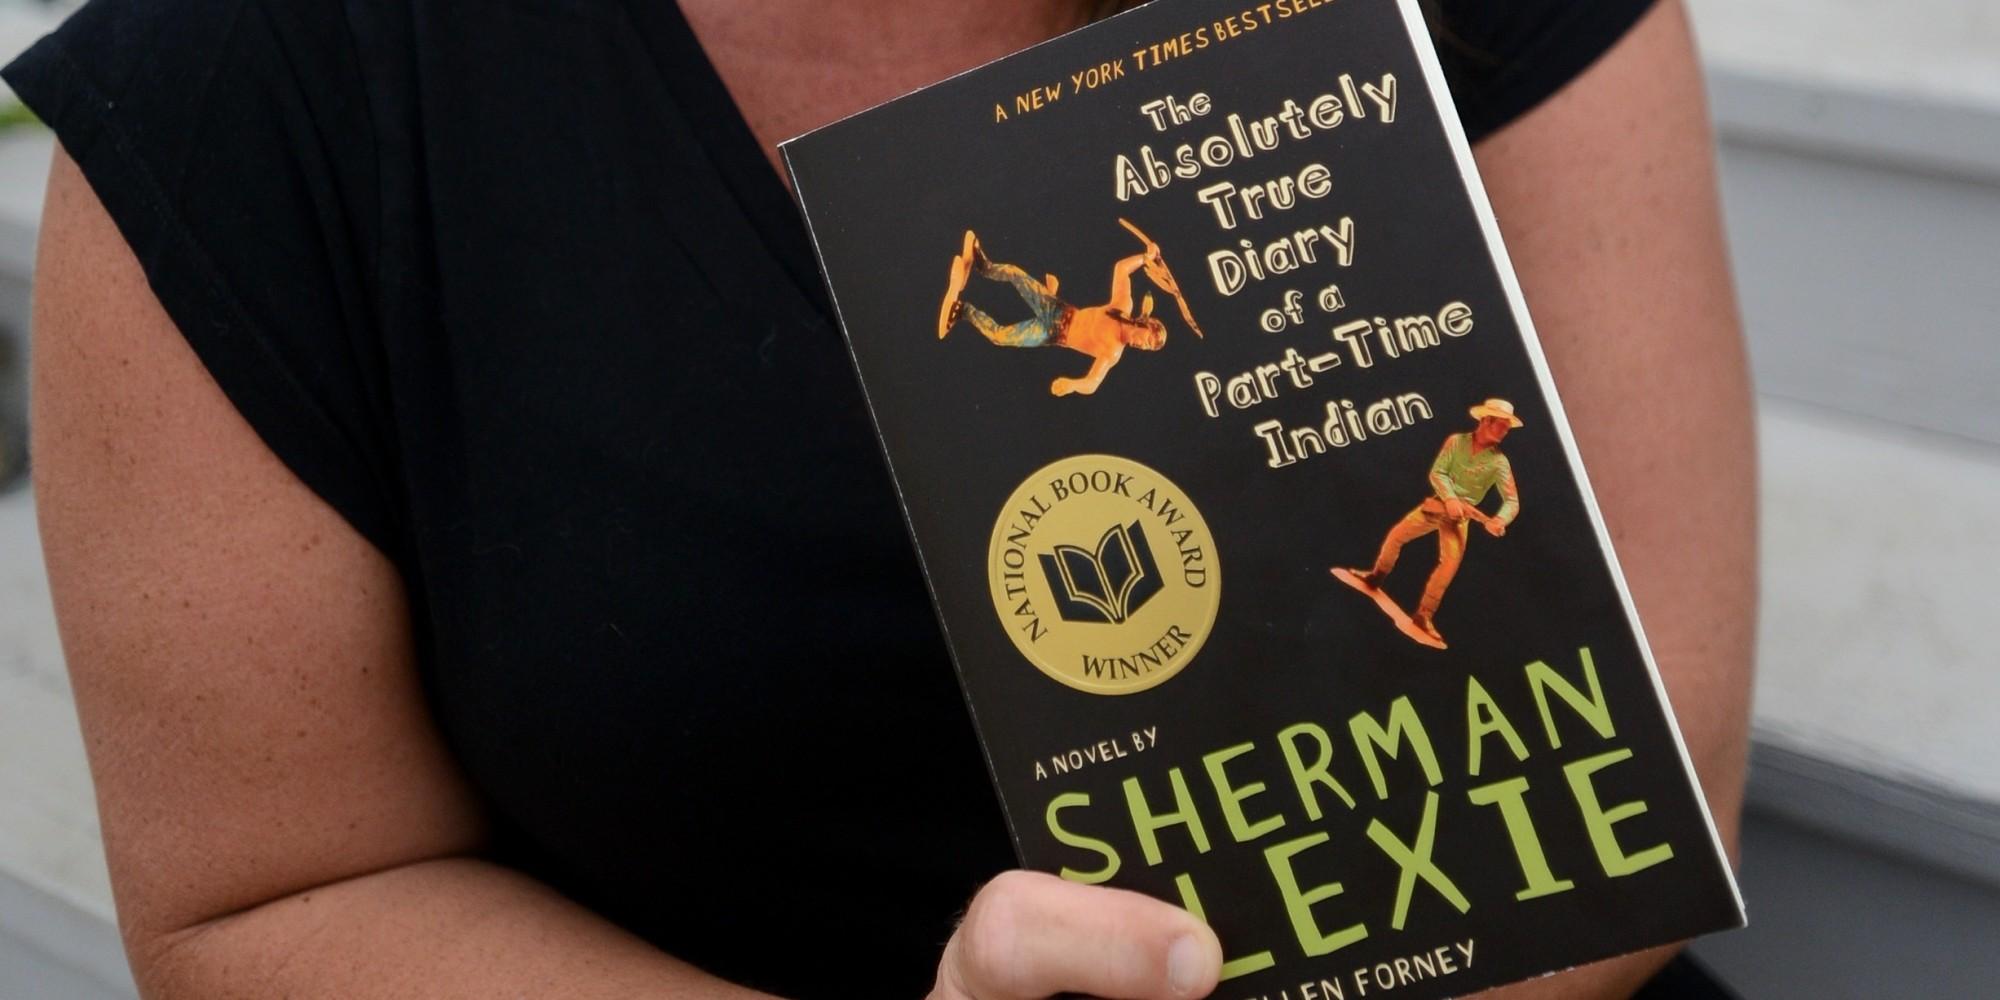 Book celebrity novel